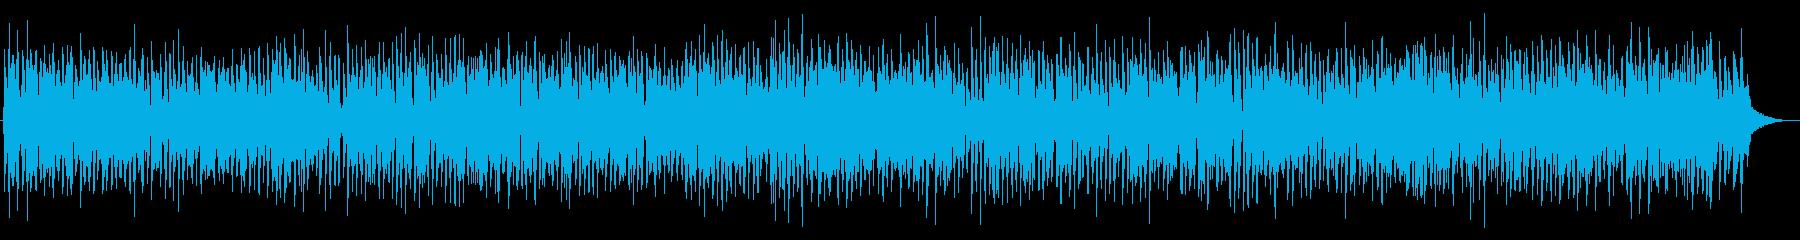 楽しいおしゃれディズニー風わくわくジャズの再生済みの波形